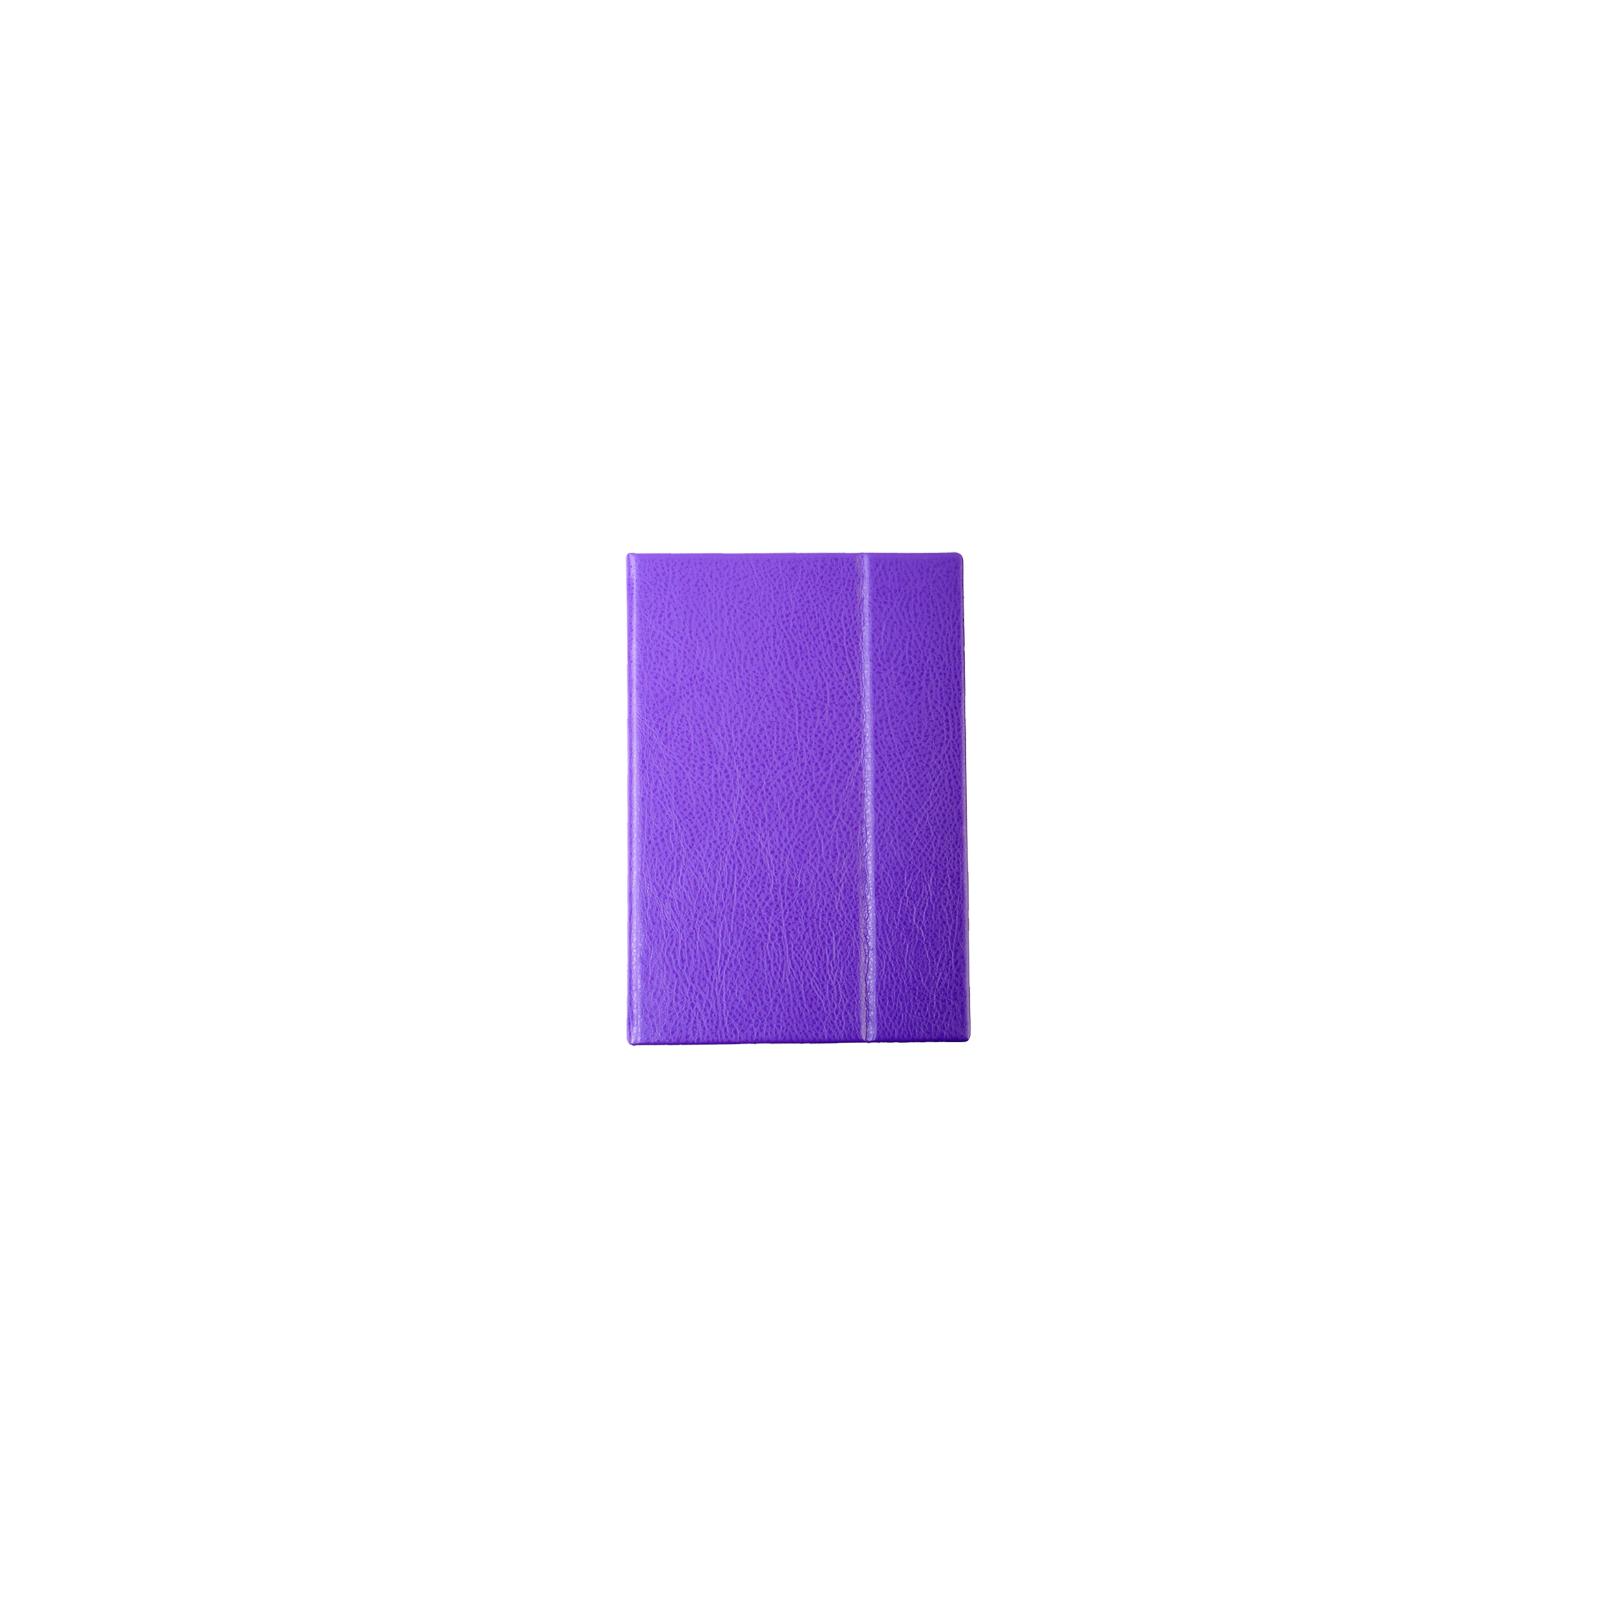 Чехол для планшета Vento 9.7 Desire Bright - purple изображение 2